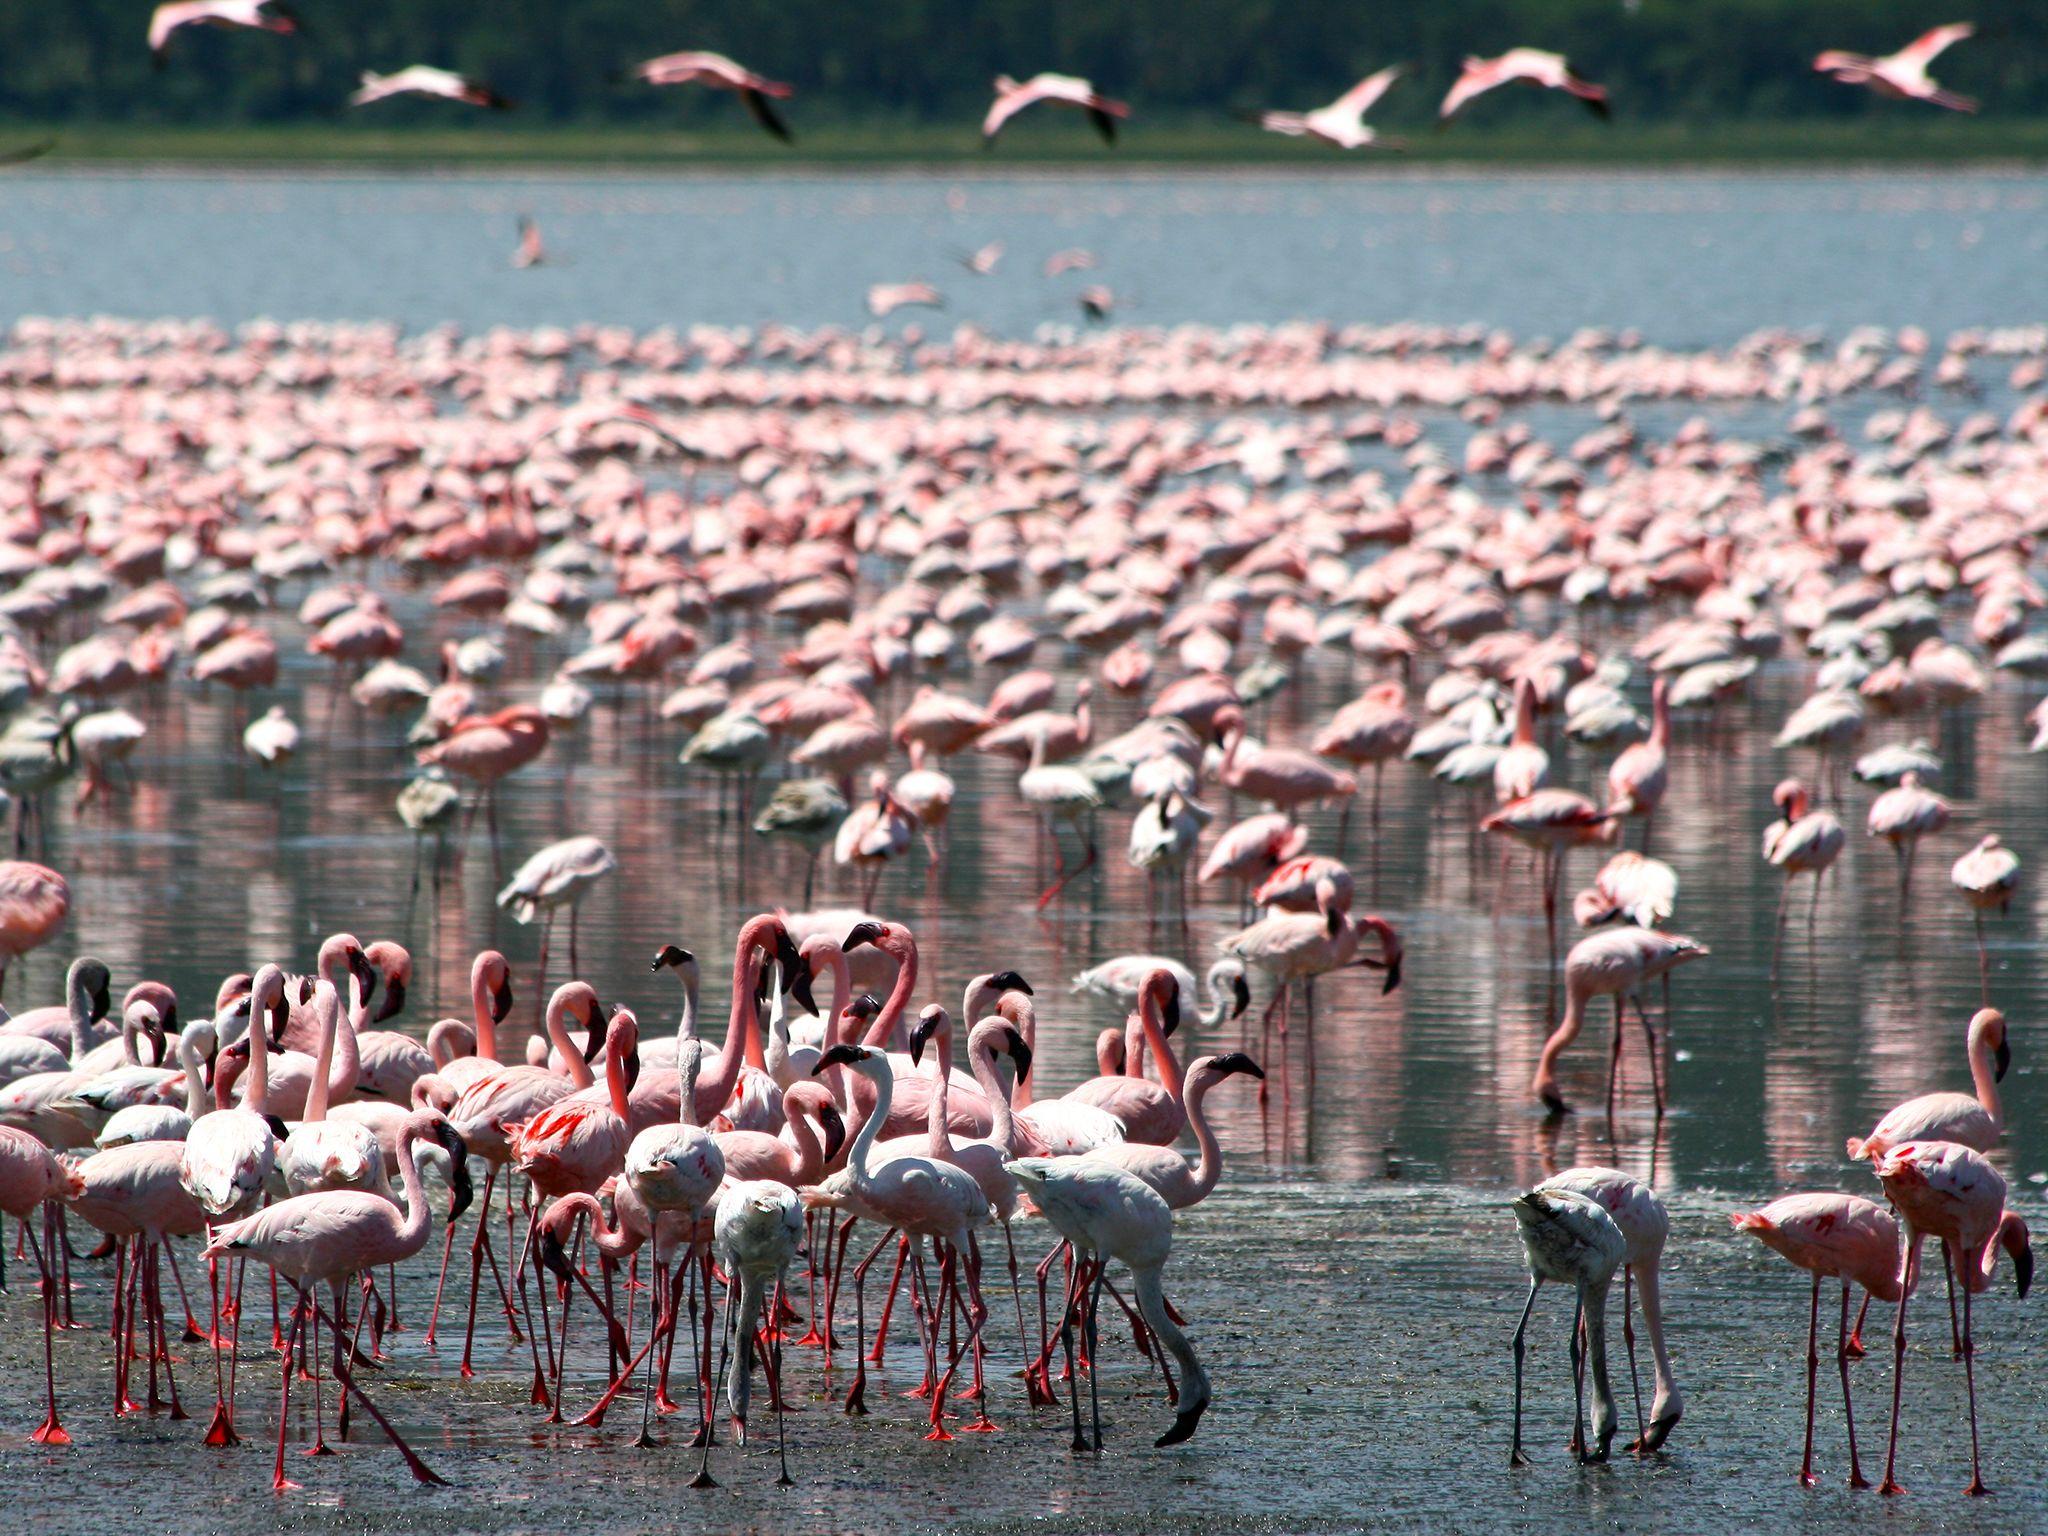 بحيرة ناكورو، كينيا: تجذب الطحالب الوفيرة في بحيرة... [Photo of the day - يناير 2015]